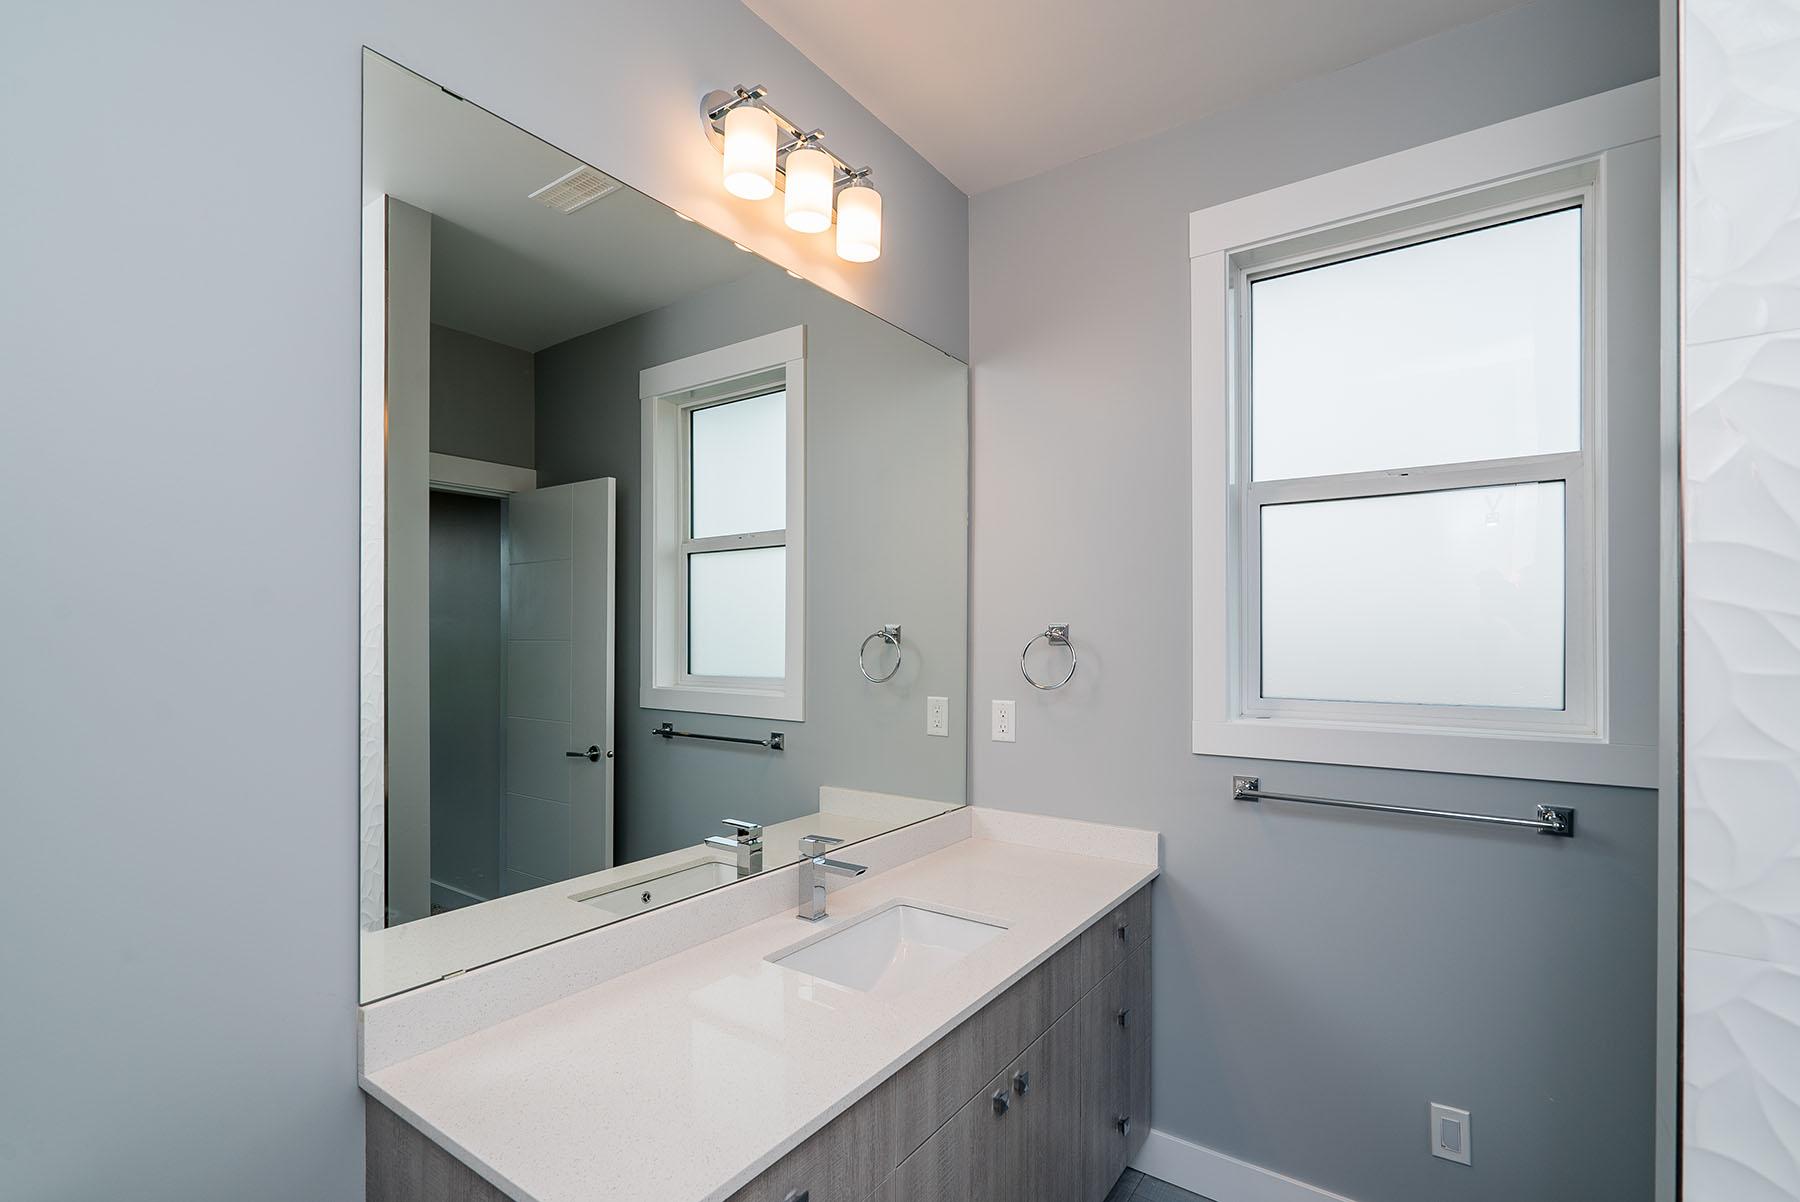 Bathroom - Vista 001